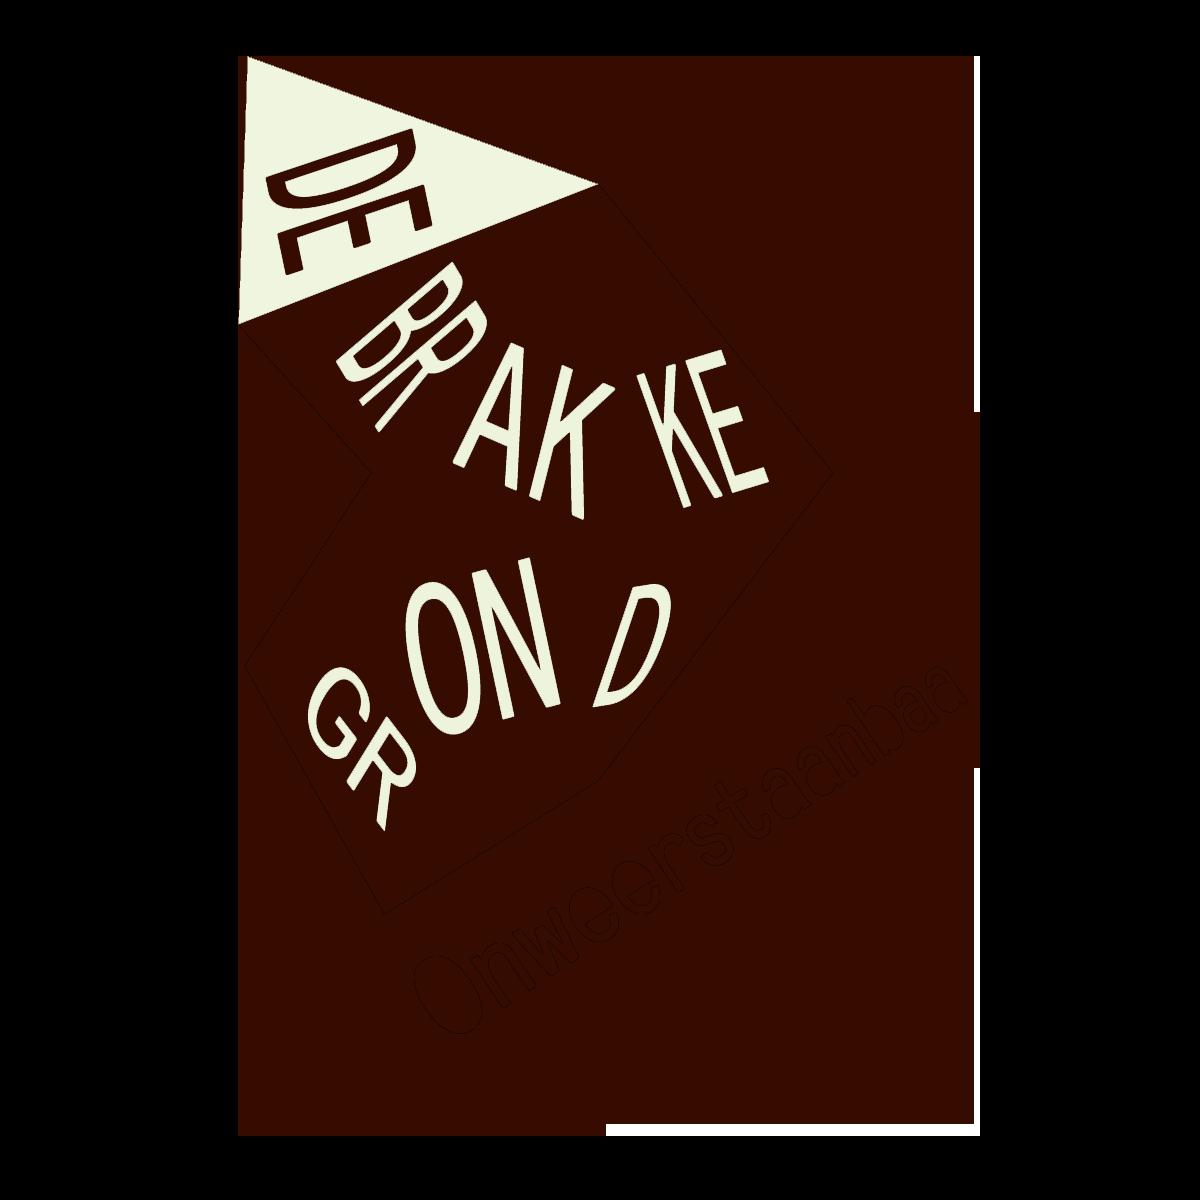 Logo_de_brakke_grond-bruin